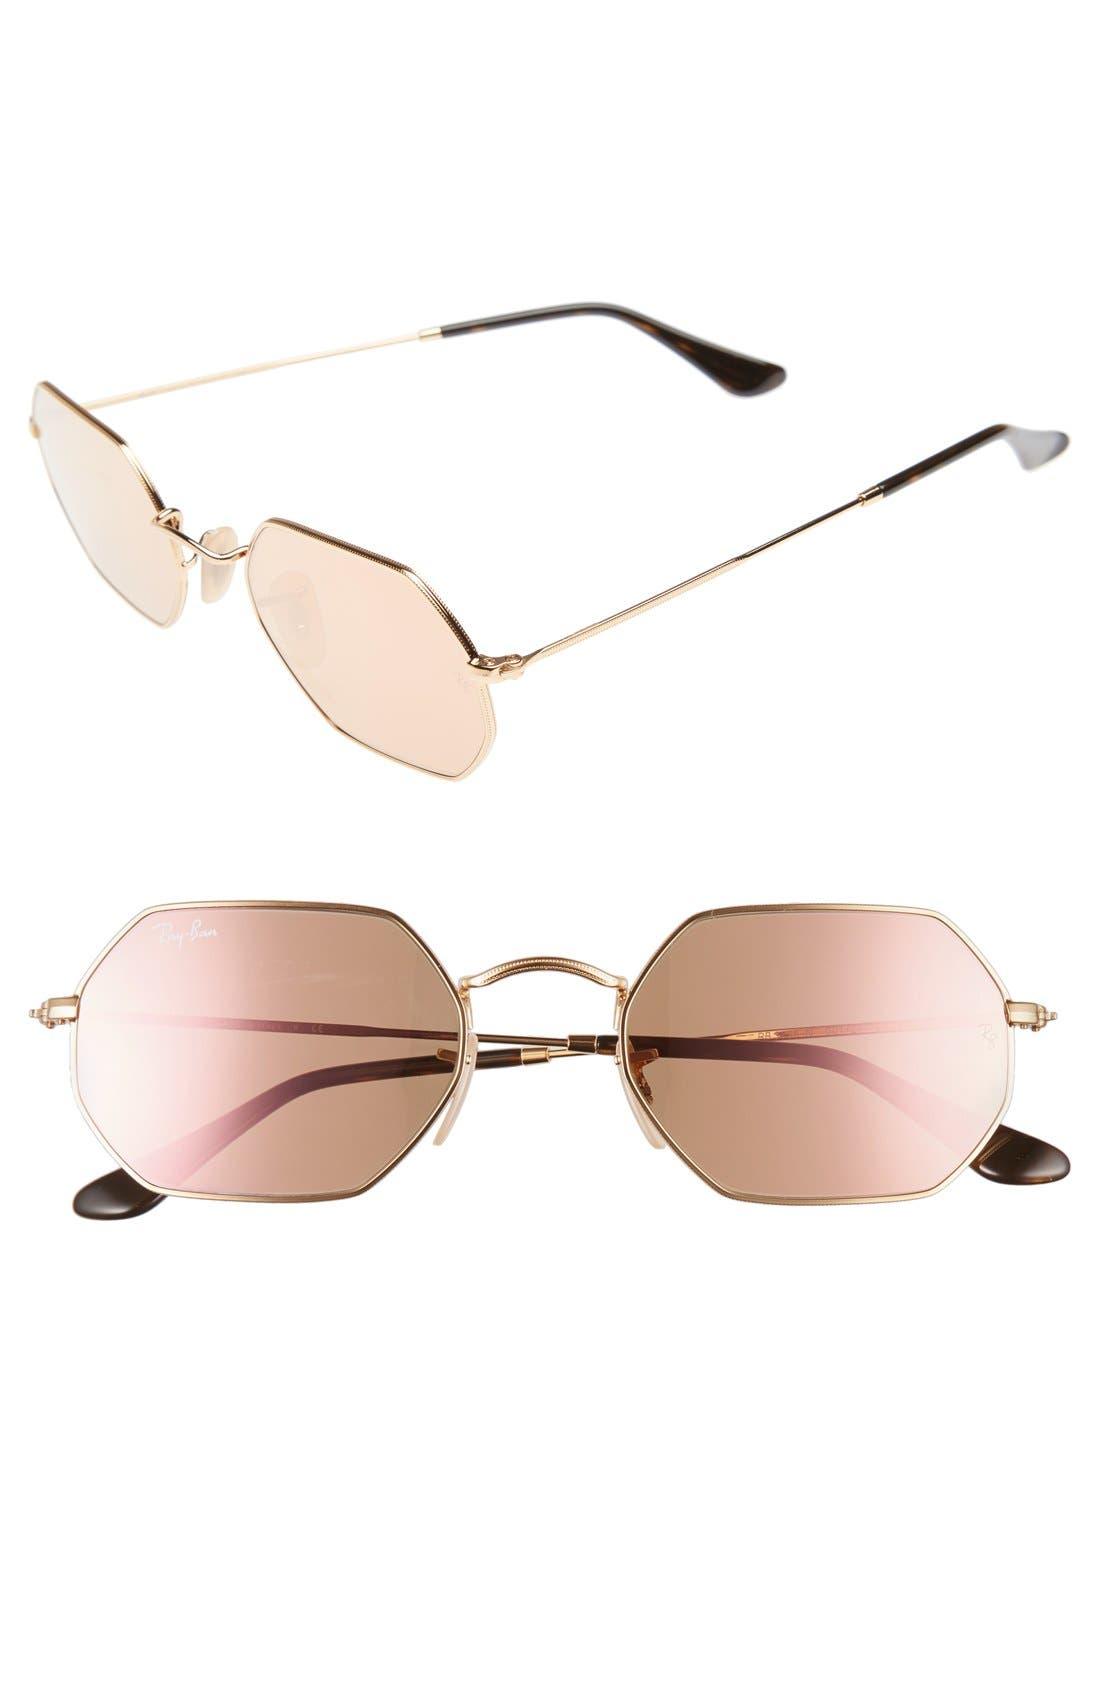 Main Image - Ray-Ban Icons 53mm Sunglasses